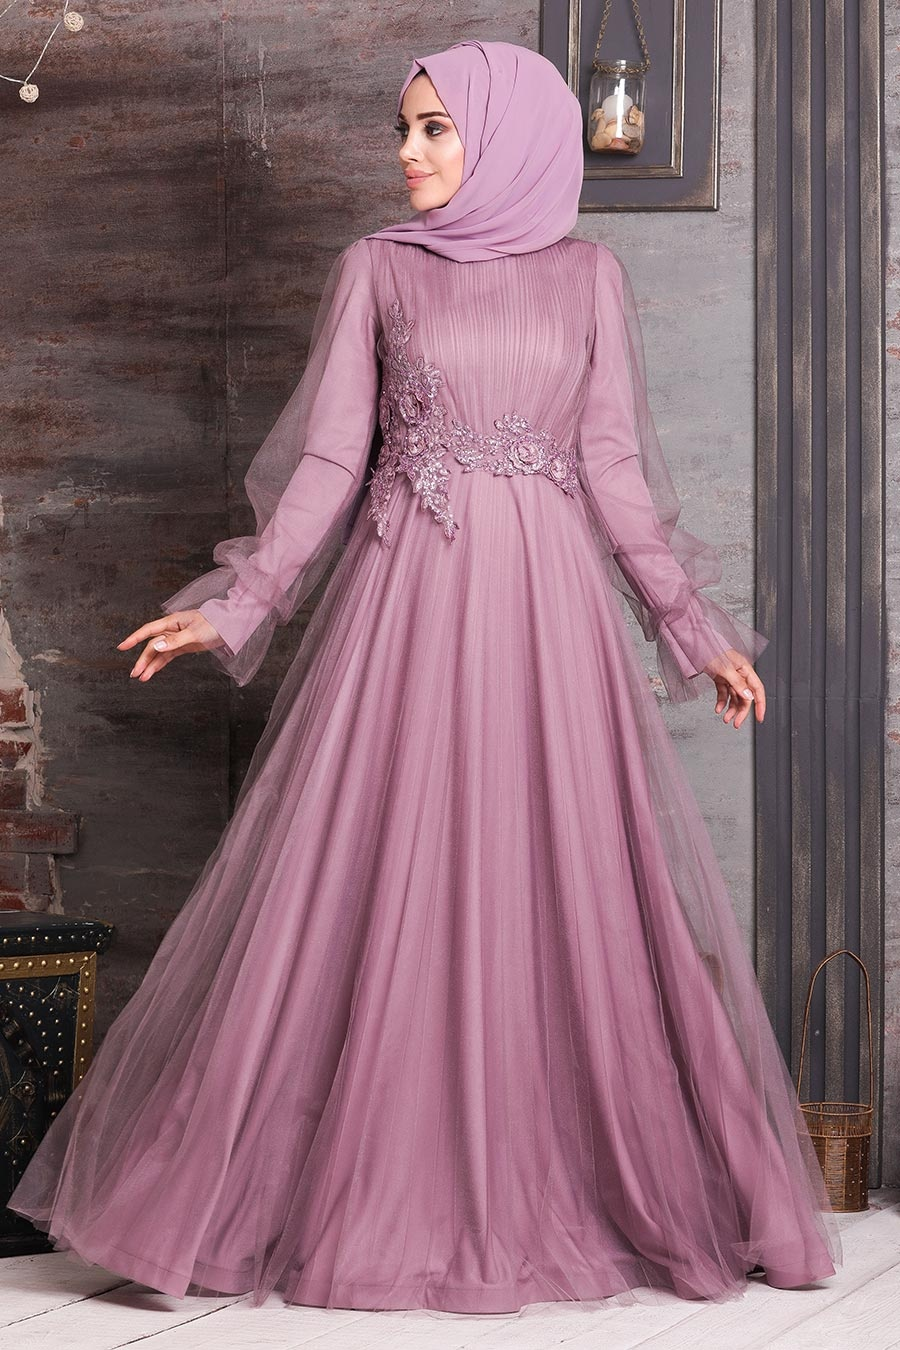 Tesettürlü Abiye Elbise - Dantelli Gül Kurusu Tesettür Abiye Elbise 21710GK